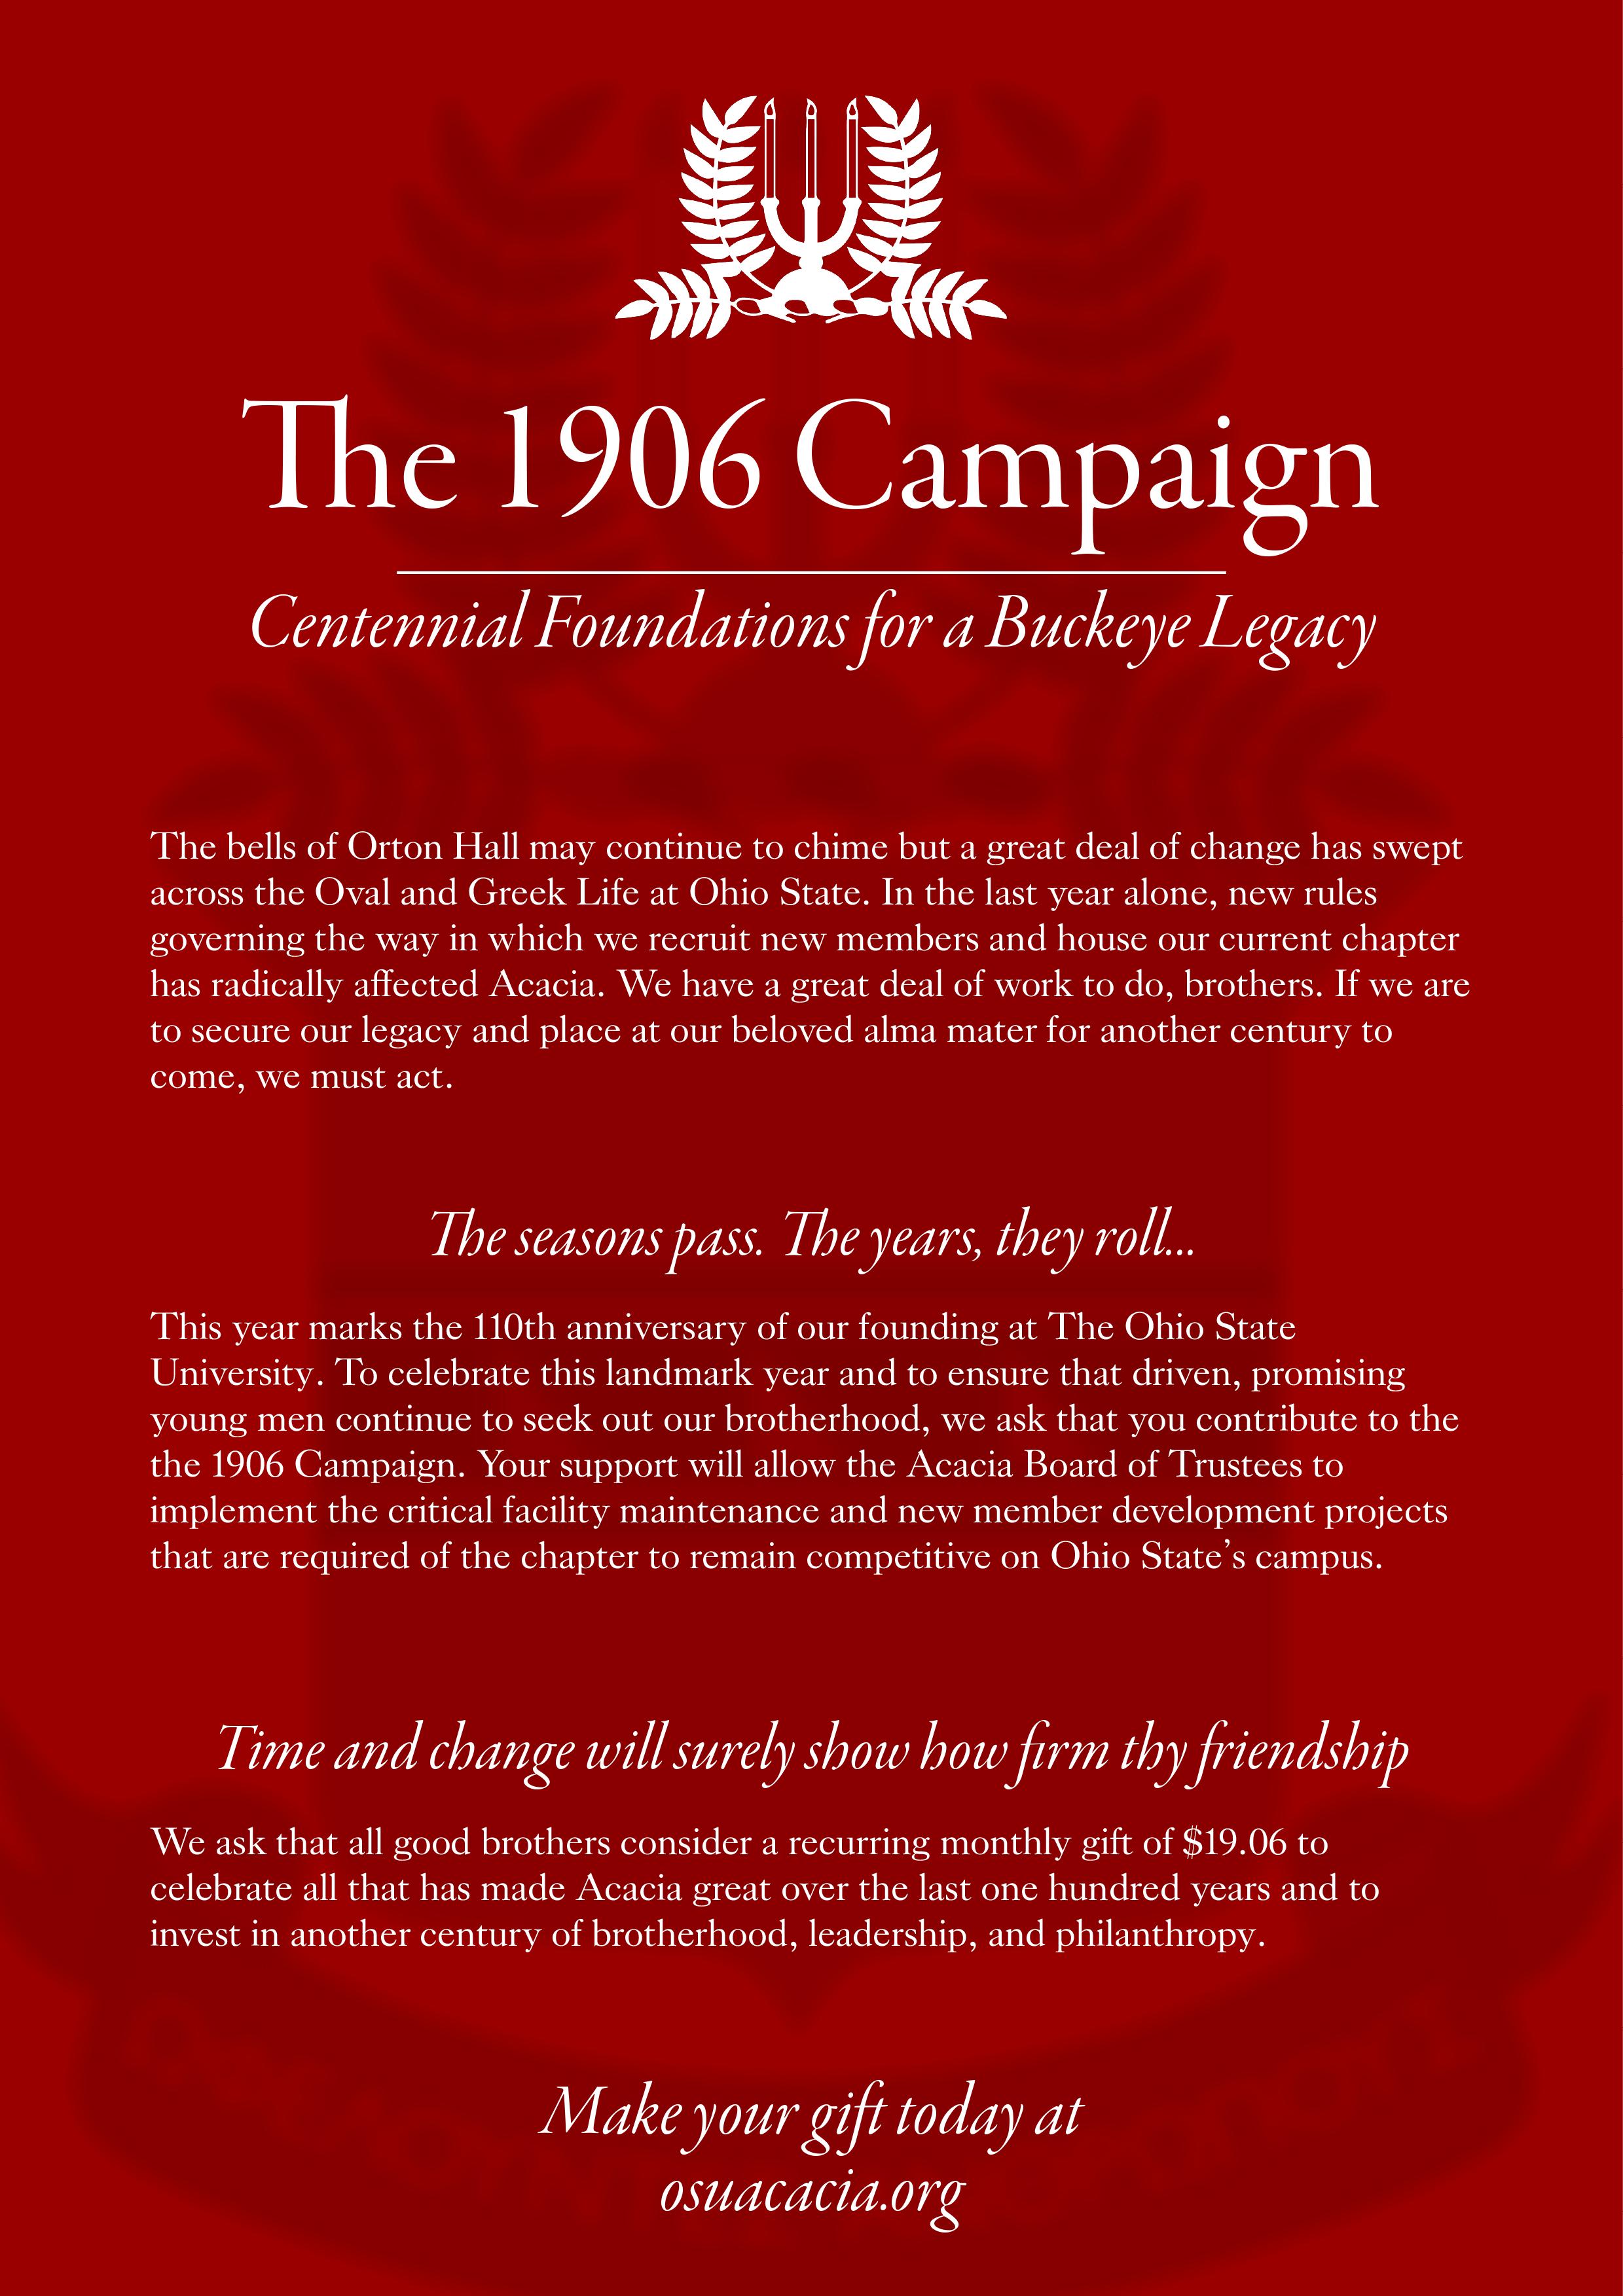 1906 Campaign Flier